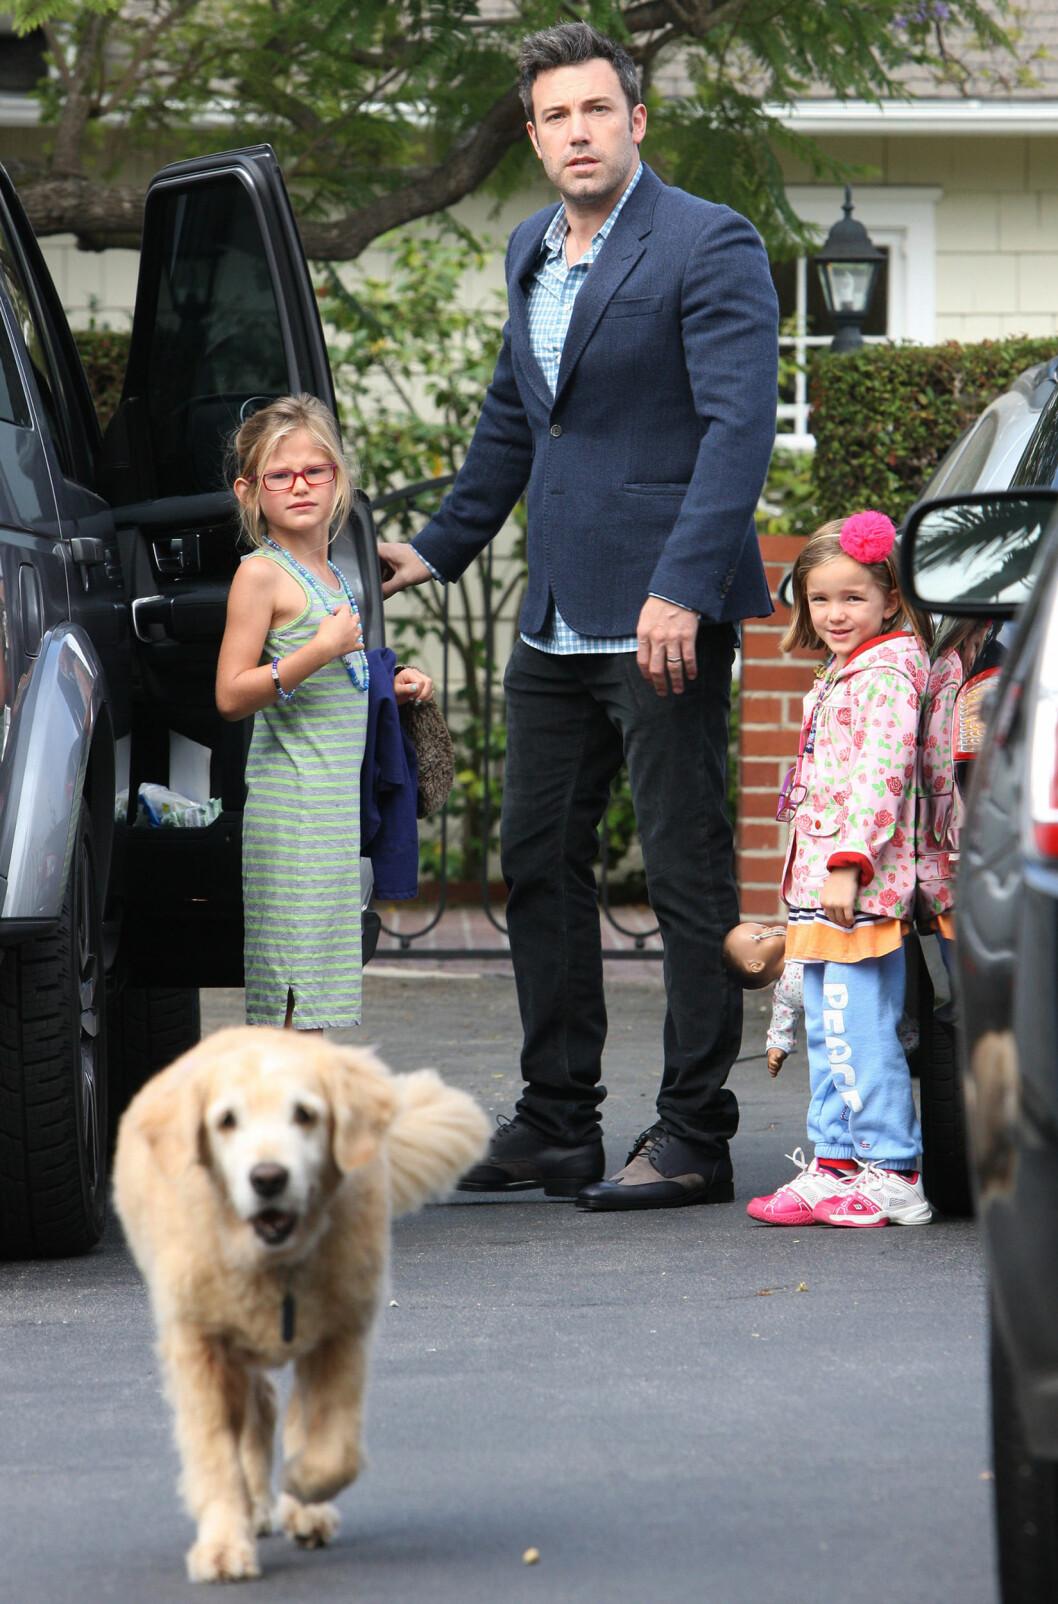 FAMILIEHUND: Ben Affeck sammen med døtrene Violet og Seraphina, samt goldenretriveren Martha Stewart. Foto: Splash News/ All Over Press Ben Affeck and daughters Violet and Seraphina